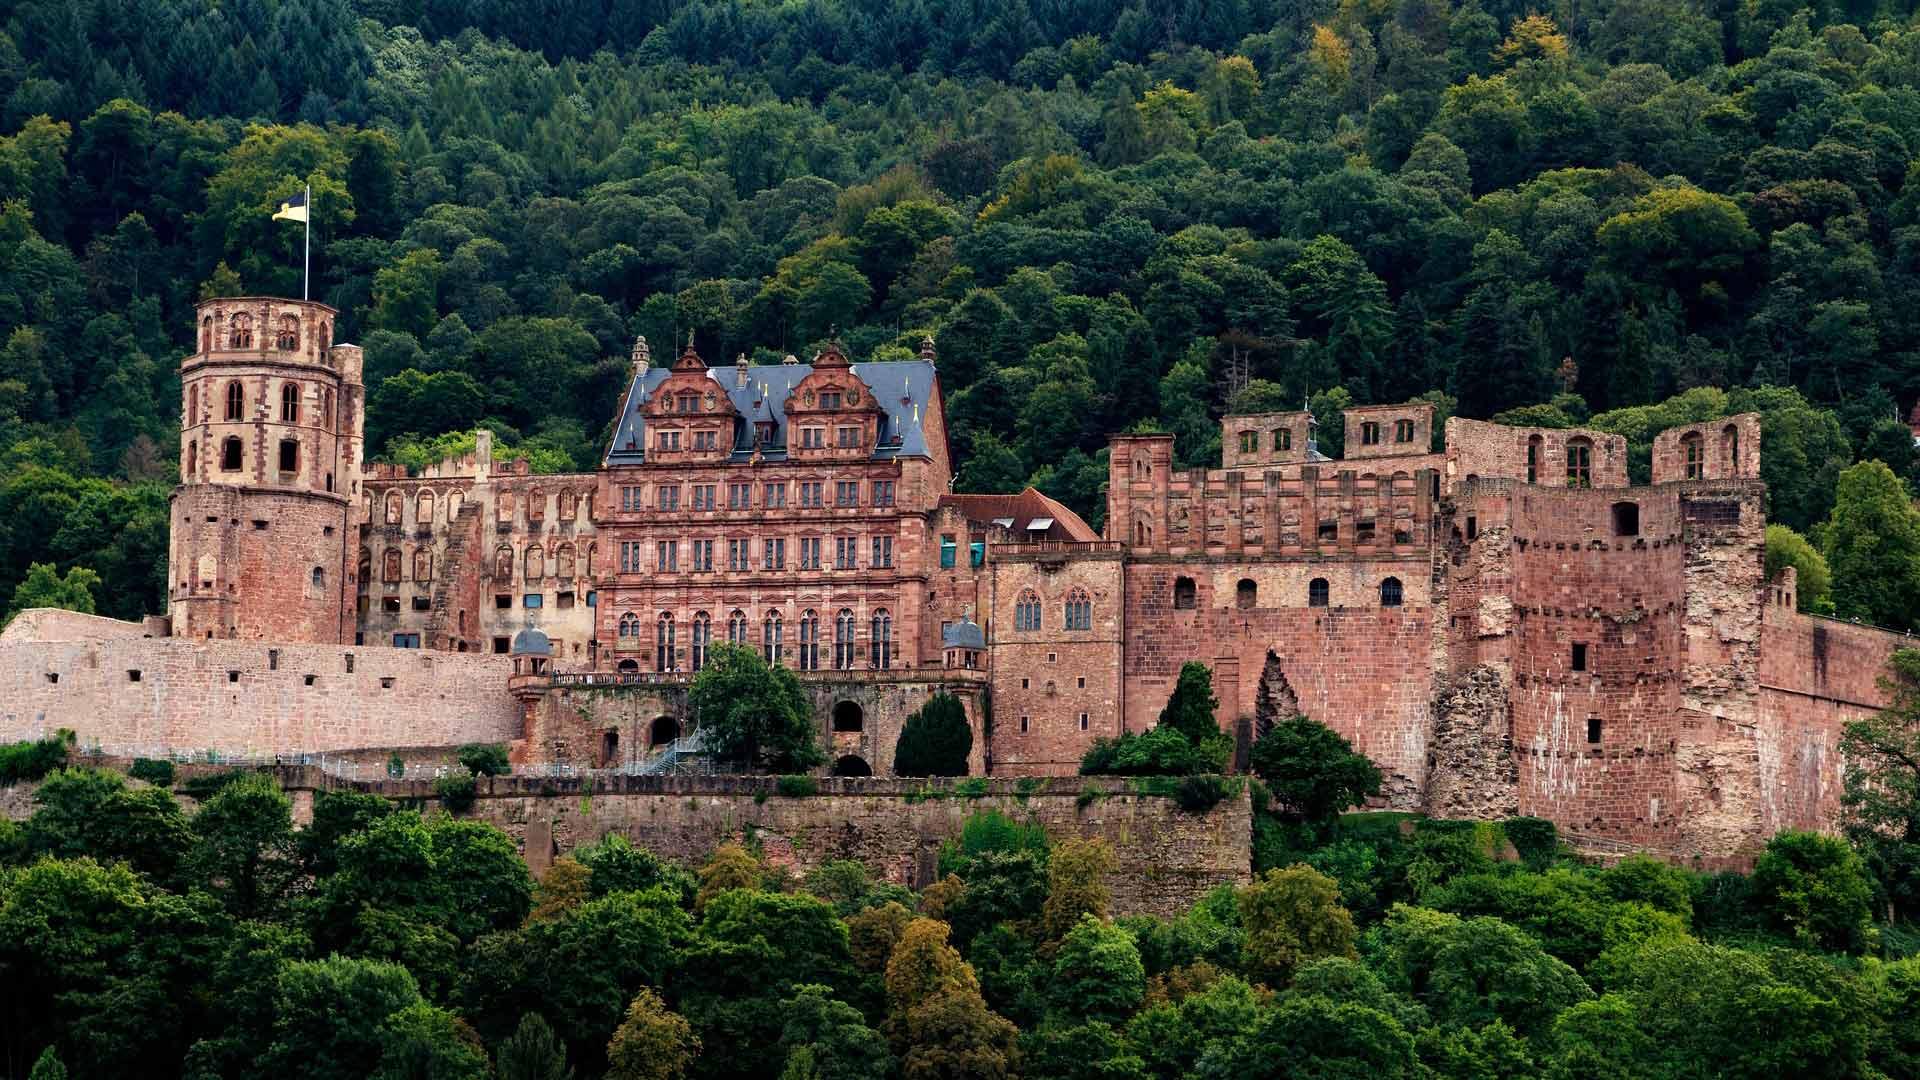 Het machtige slot van Heidelberg.